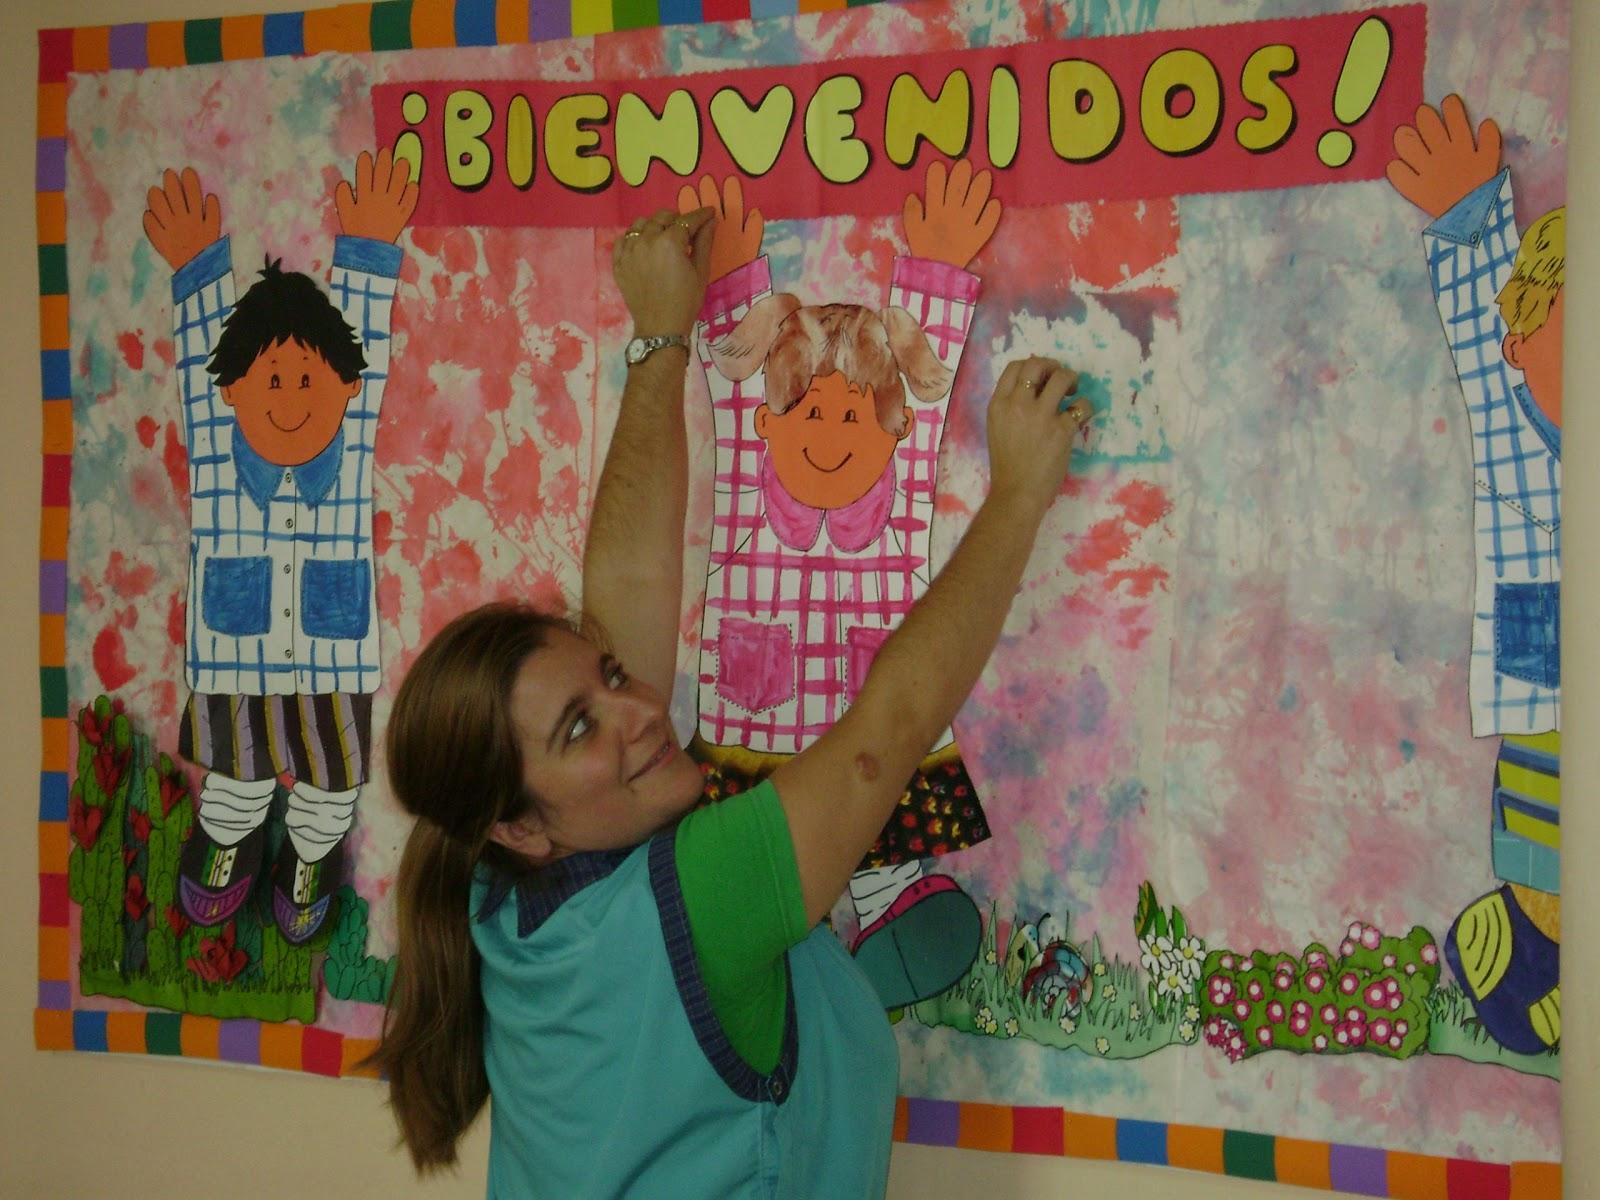 Decoraci n en el jard n de infantes bienvenidos 2011 for Decoracion jardin infantes